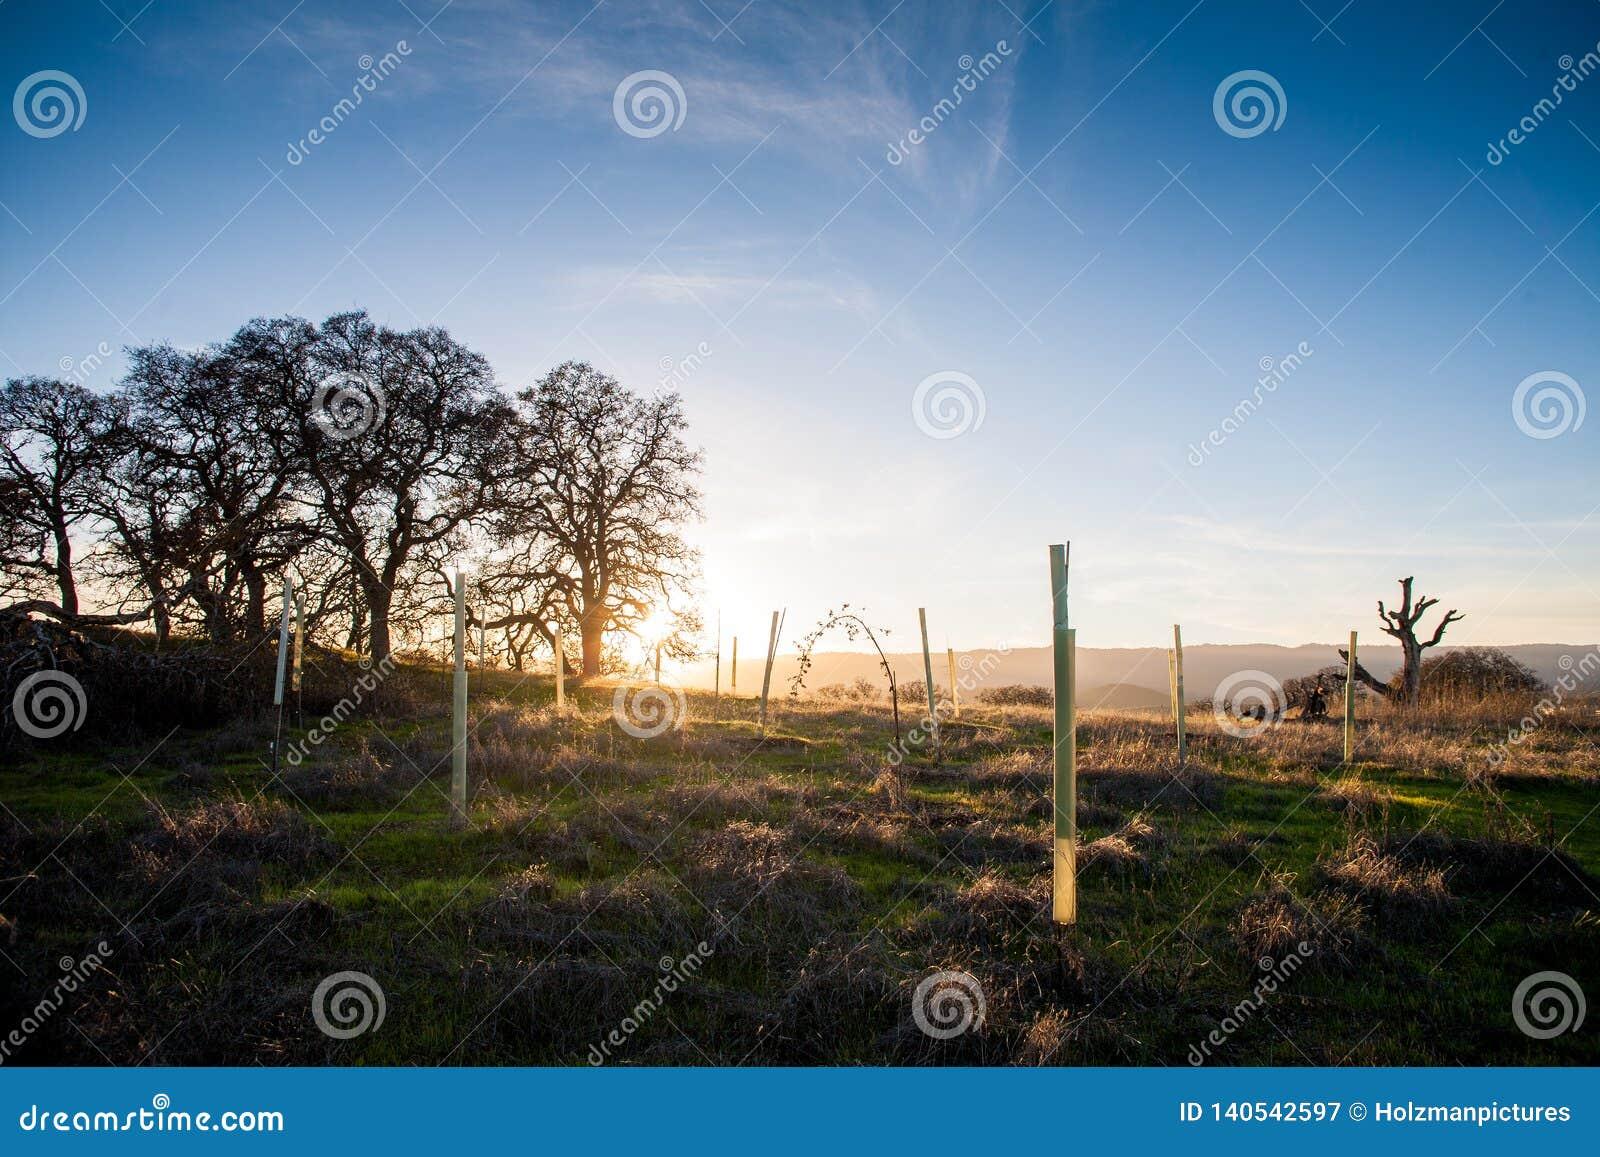 La hora de oro, el sol está fijando en el campo cerca de Stanford